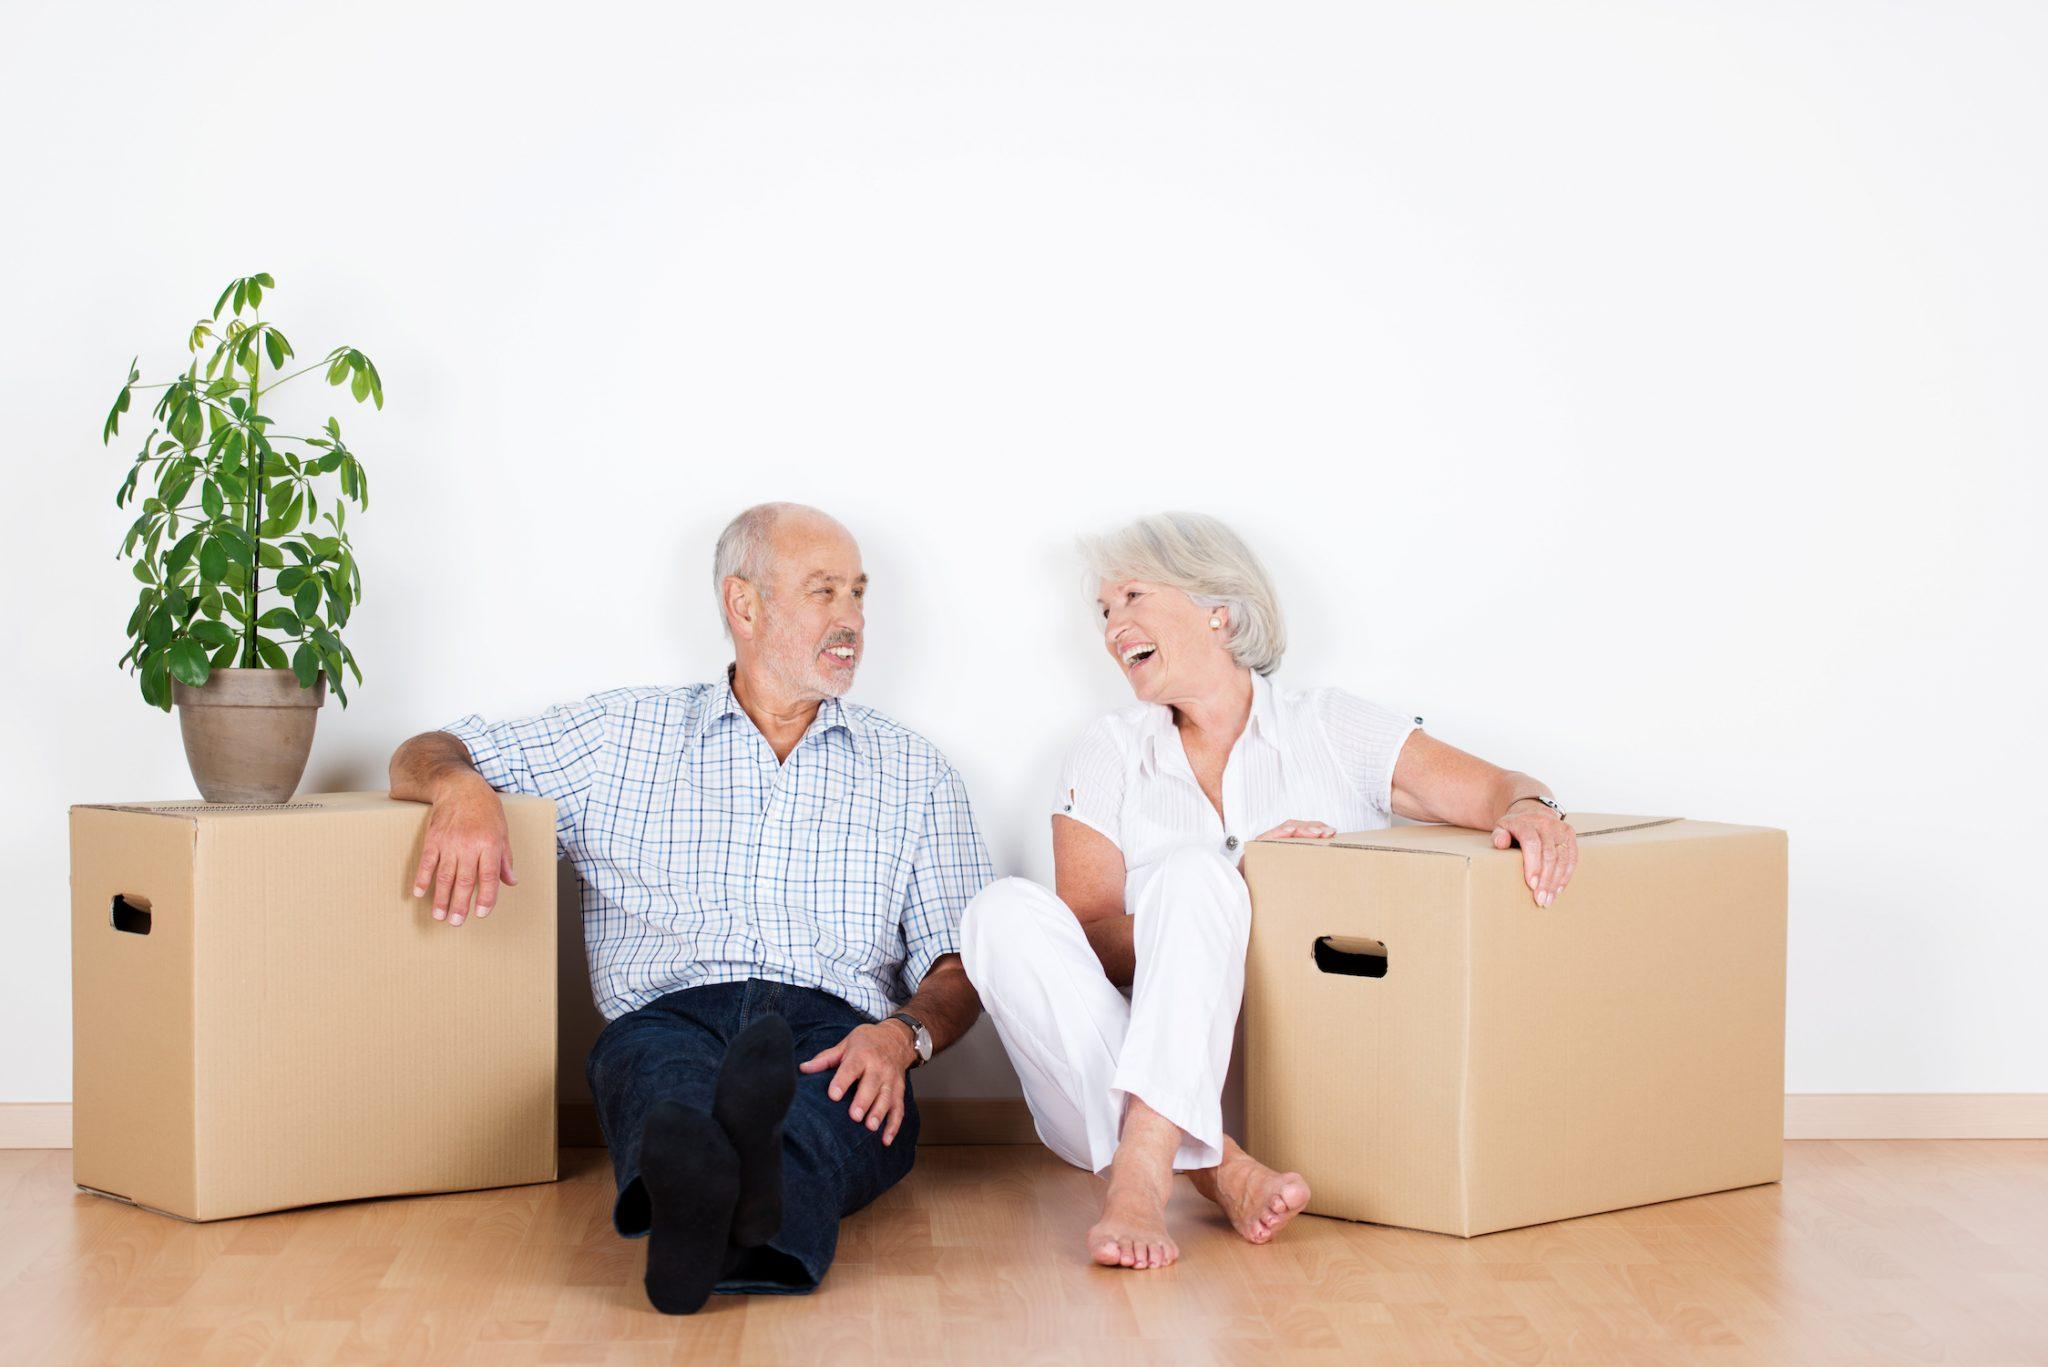 Senior couple downsizing needs storage unit